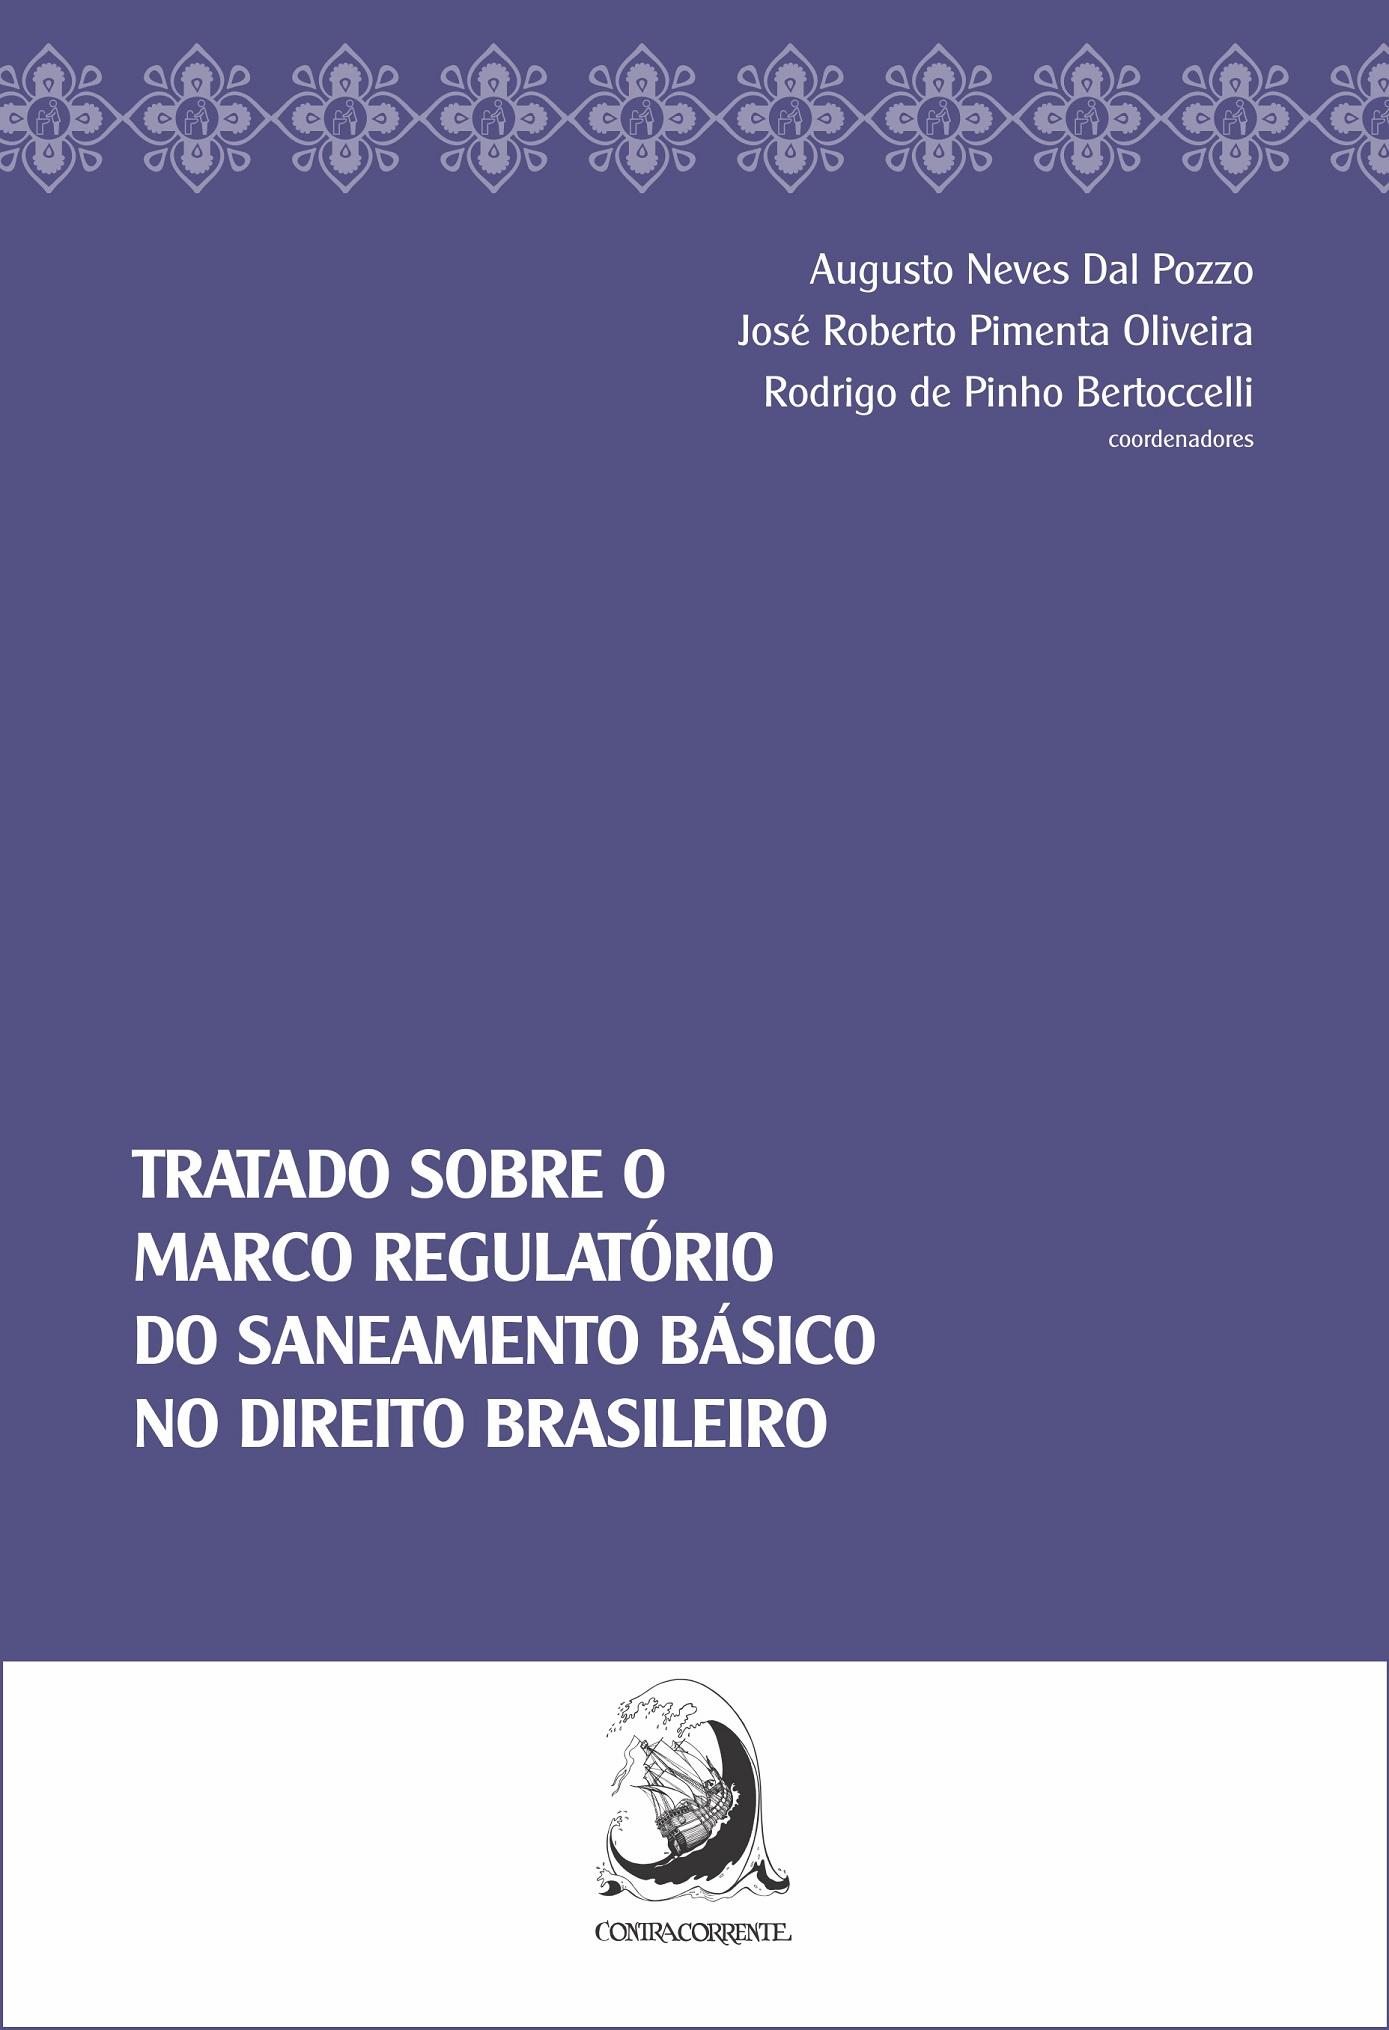 Tratado sobre o marco regulatório do saneamento básico no direito brasileiro, livro de Augusto Neves Dal Pozzo, José Roberto Pimenta Oliveira, Rodrigo de Pinho Bertoccelli